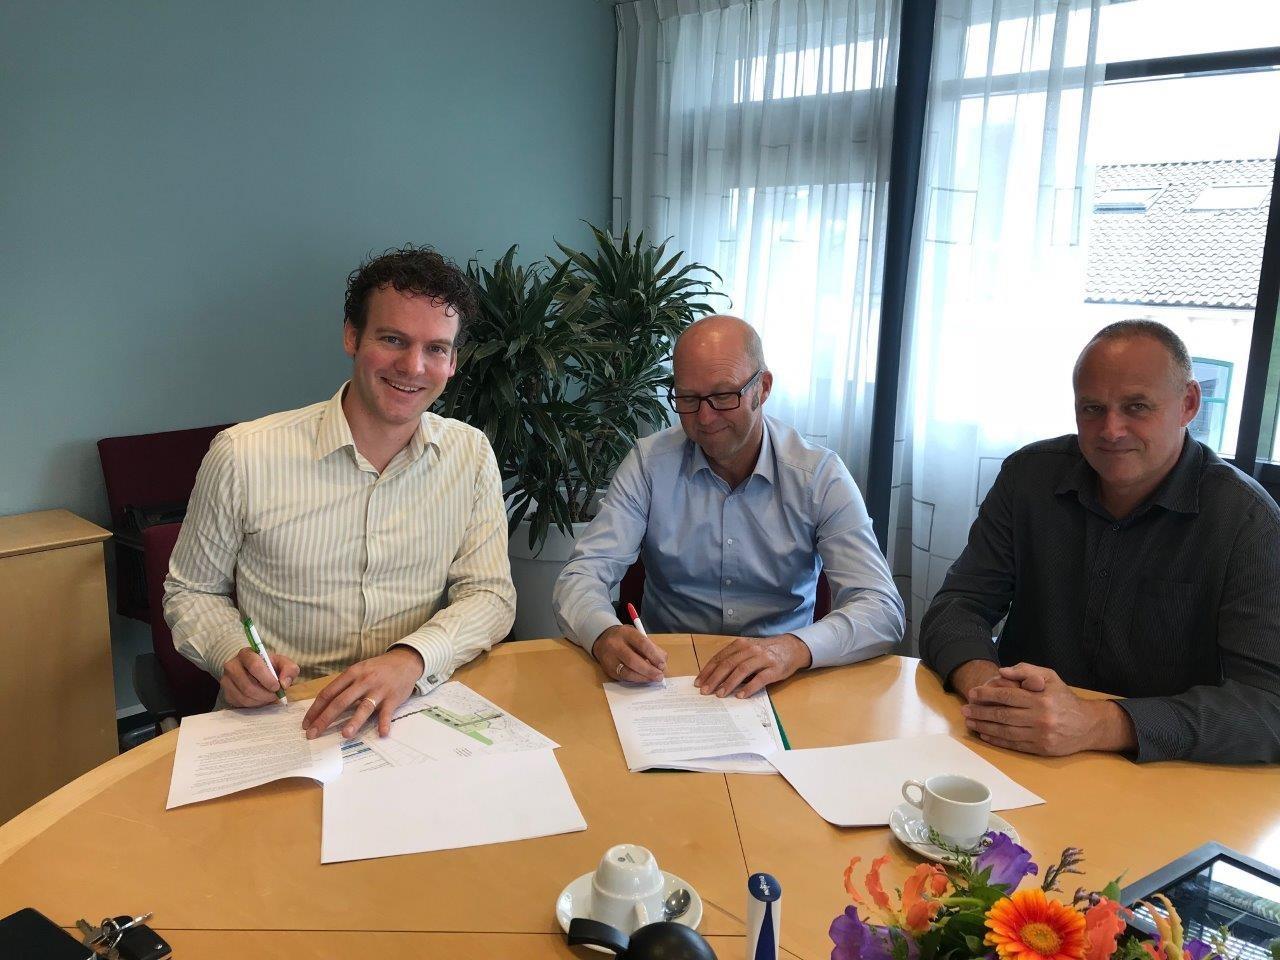 Wethouder Jelle Beemsterboer ondertekent de intentieovereenkomst met vertegenwoordigers van Bouwend Waarland. (Foto: gemeente Schagen)